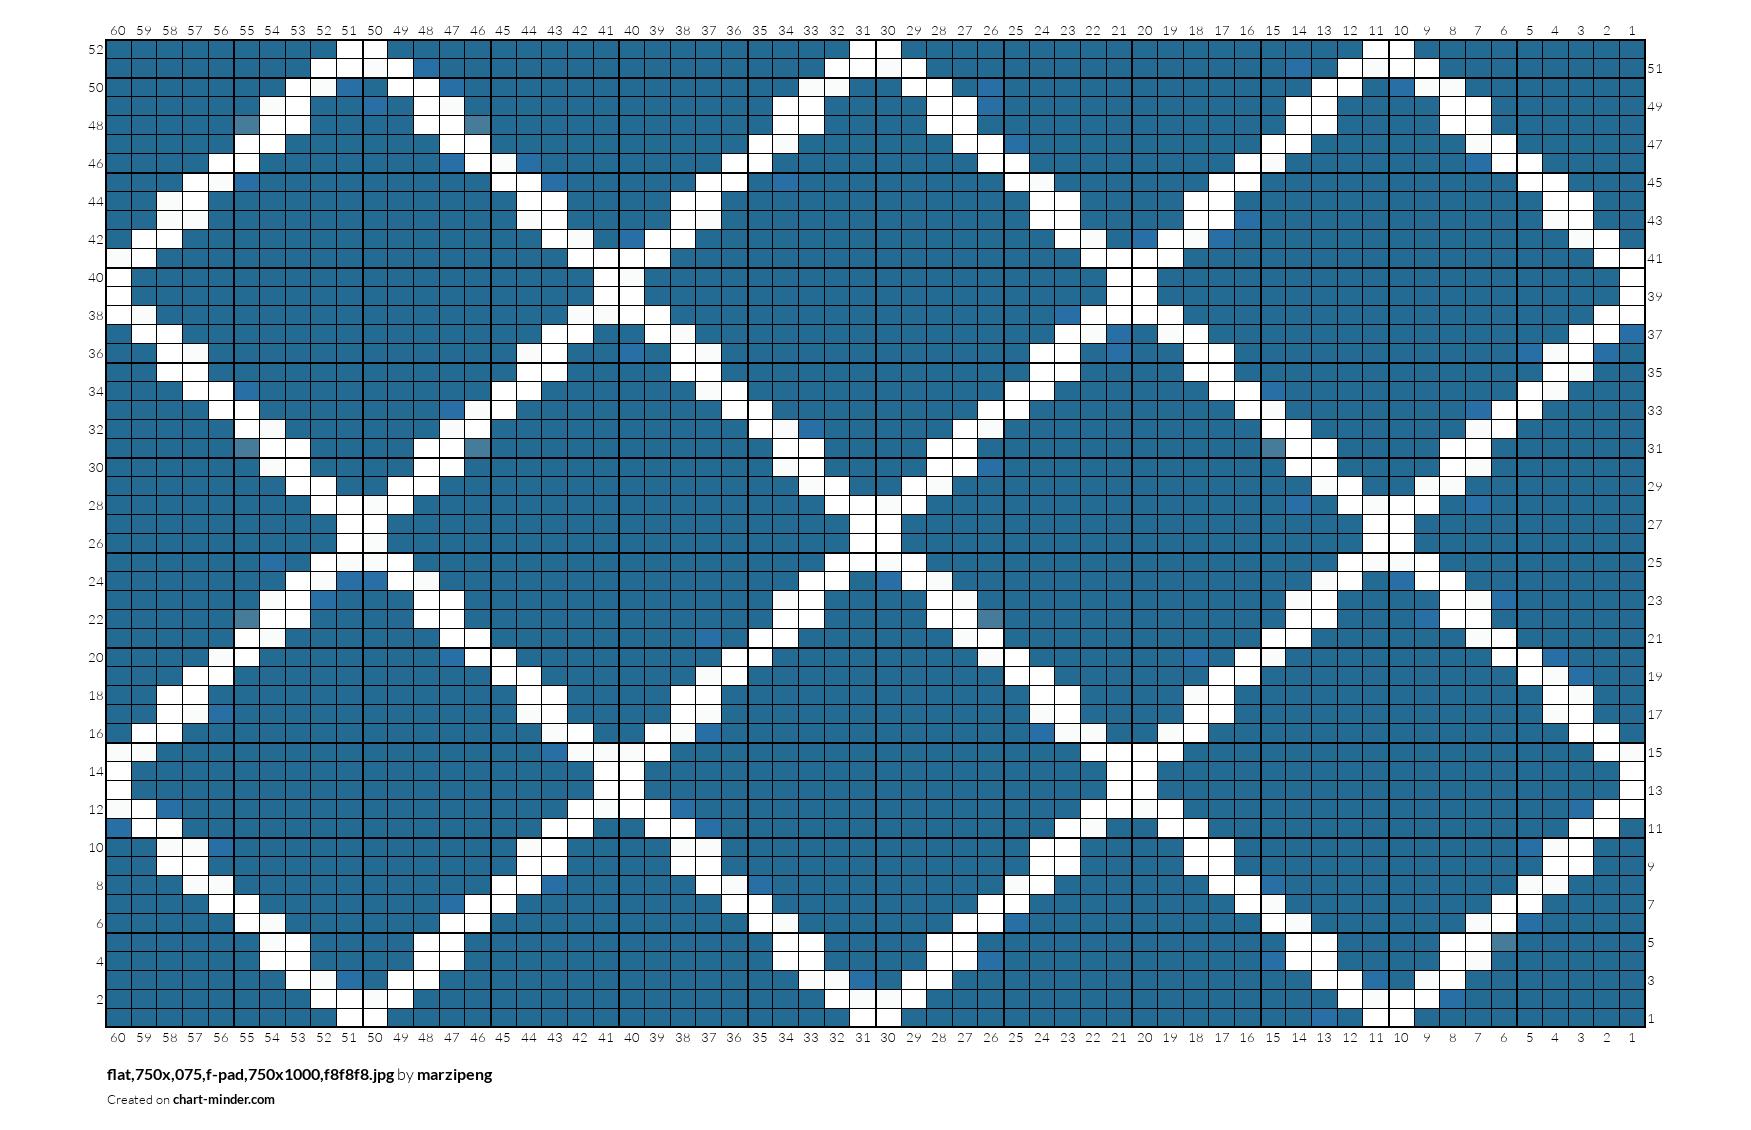 flat,750x,075,f-pad,750x1000,f8f8f8.jpg